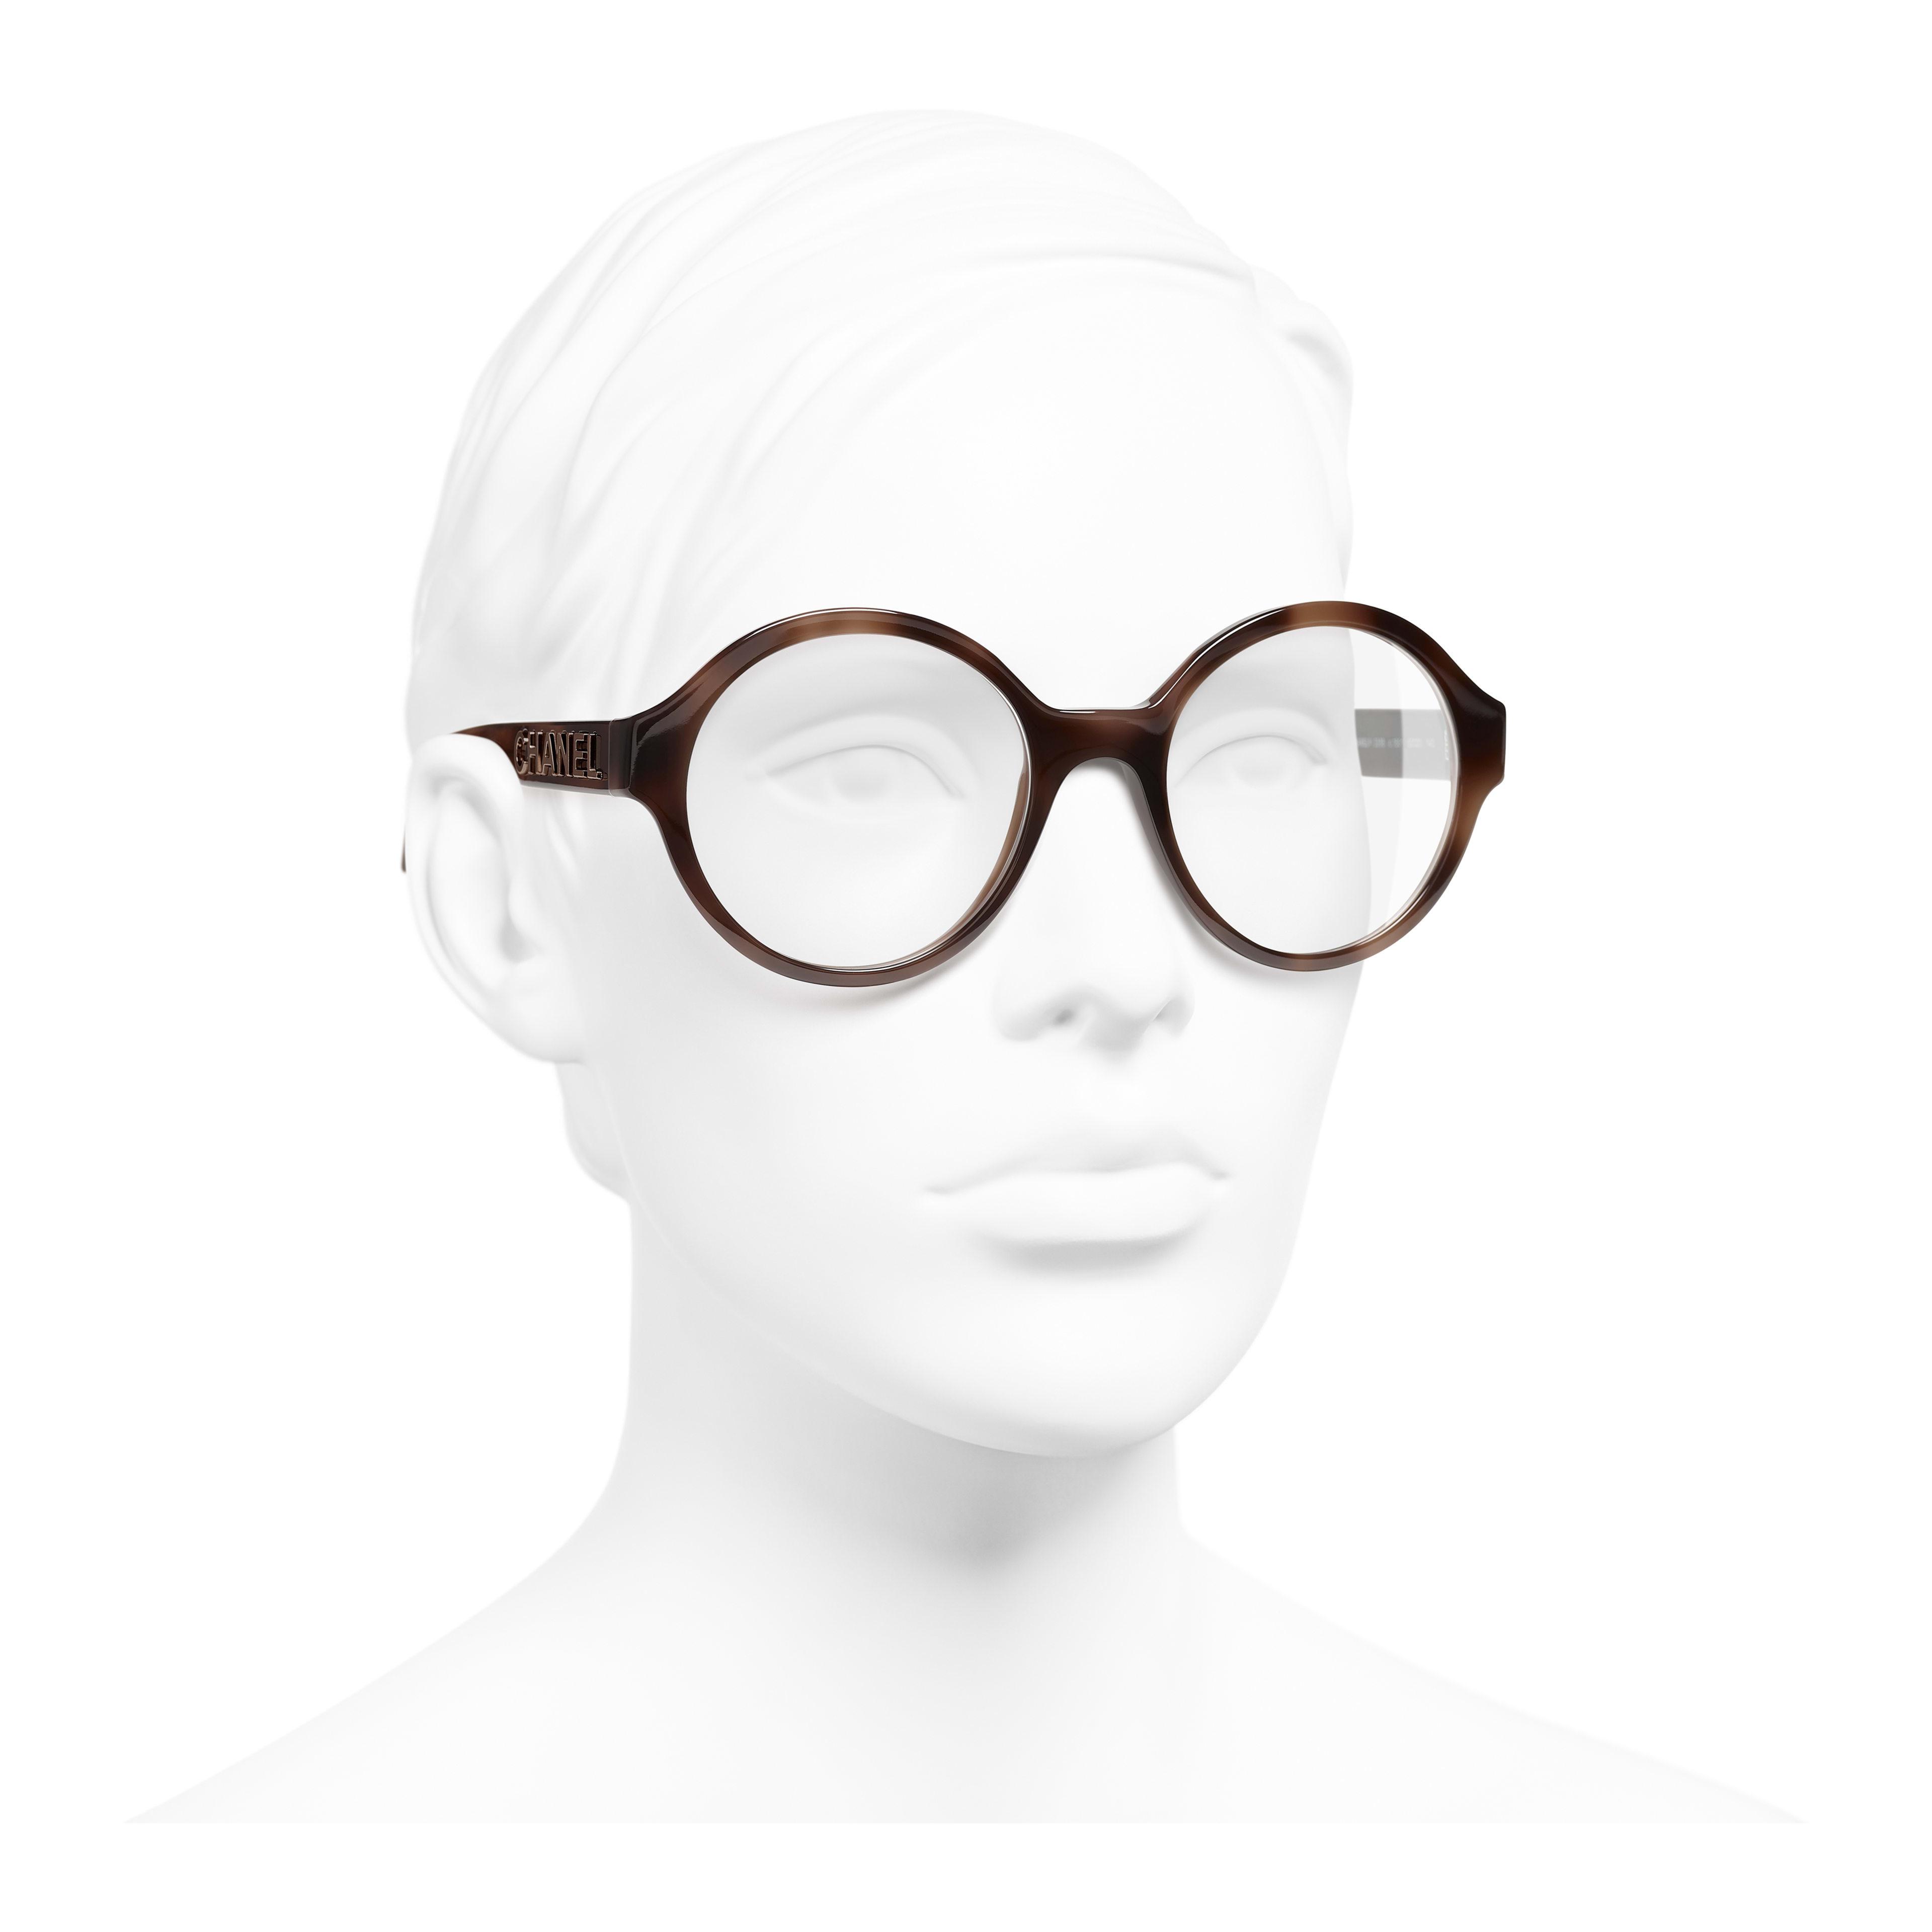 แว่นสายตาทรงกลม - สีน้ำตาล - อะซิเตท - มุมมองการสวมใส่ 3/4 - ดูเวอร์ชันขนาดเต็ม